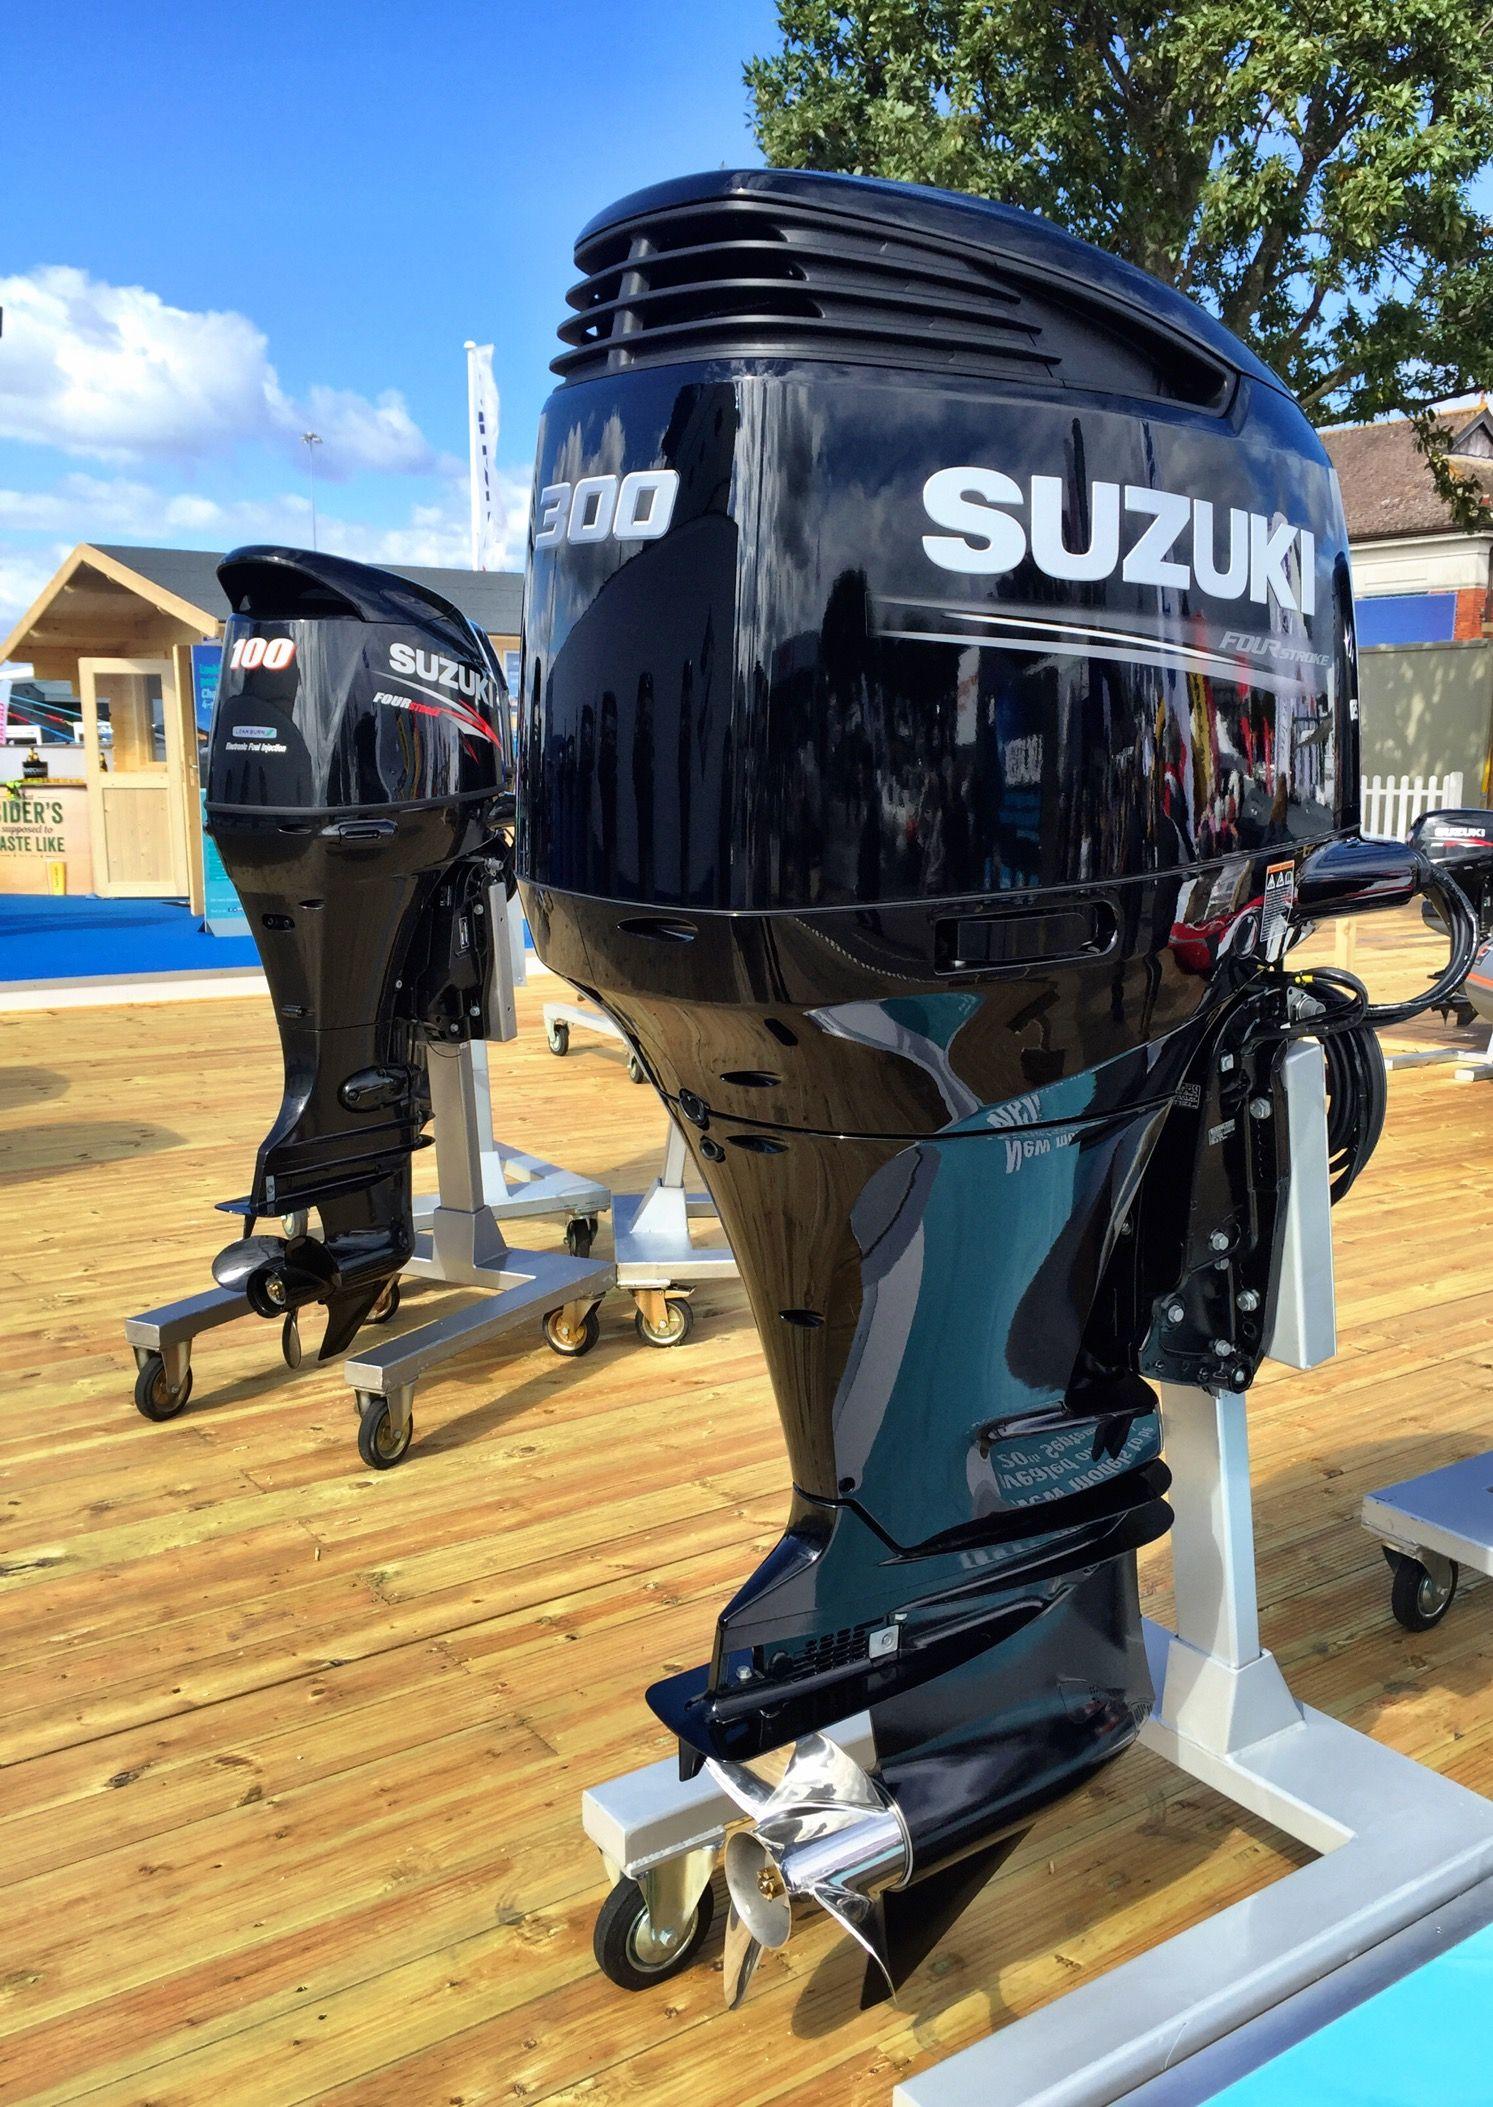 New Livery For The Suzuki 300 Outboard Engine Taşıtlar